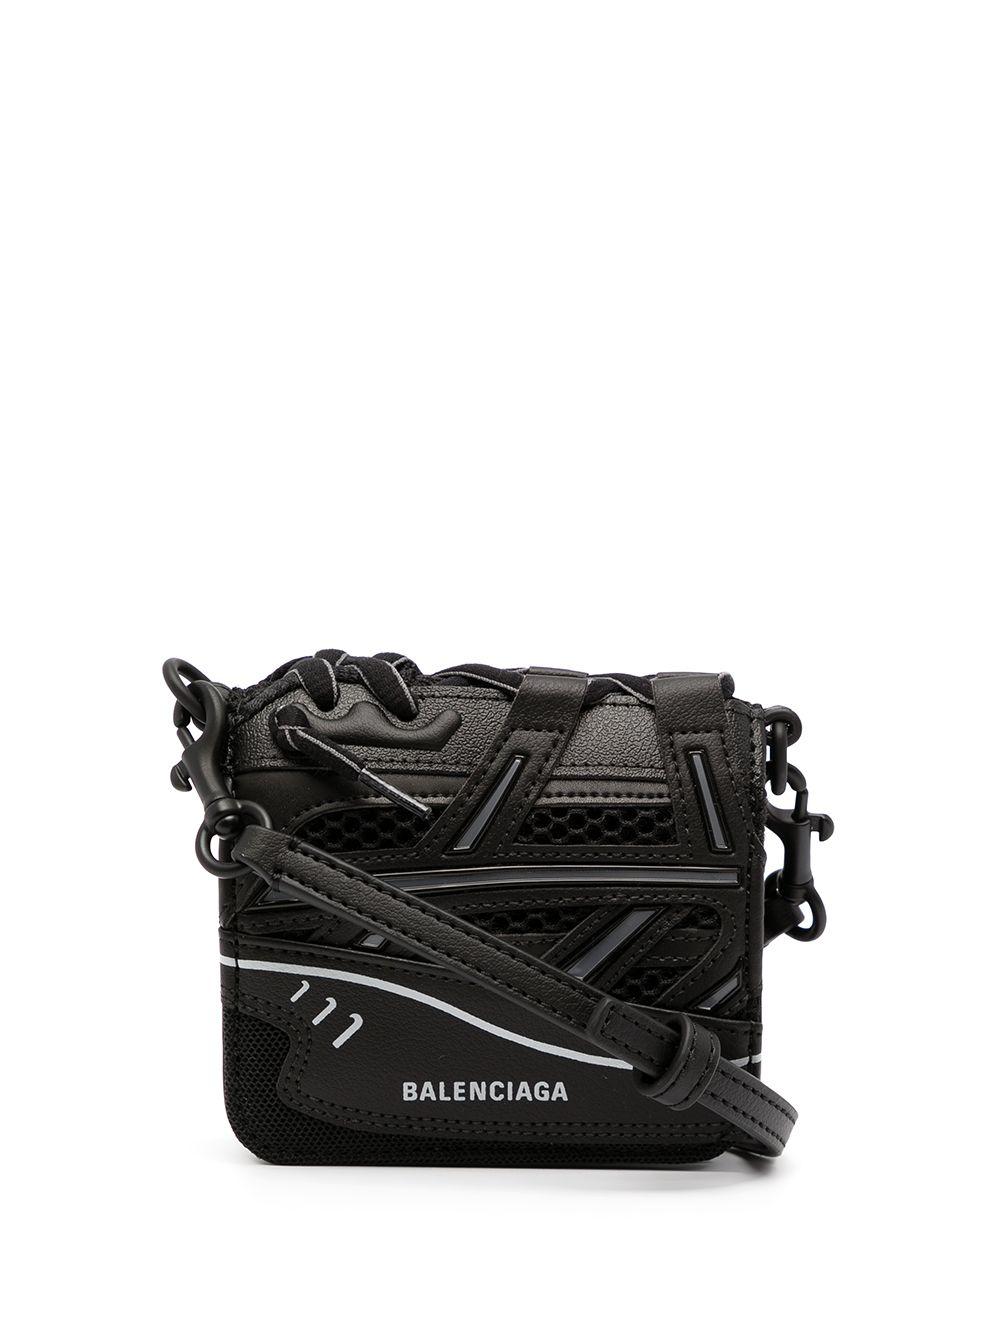 Balenciaga Portemonnaie mit Schulterriemen - 1000 BLACK